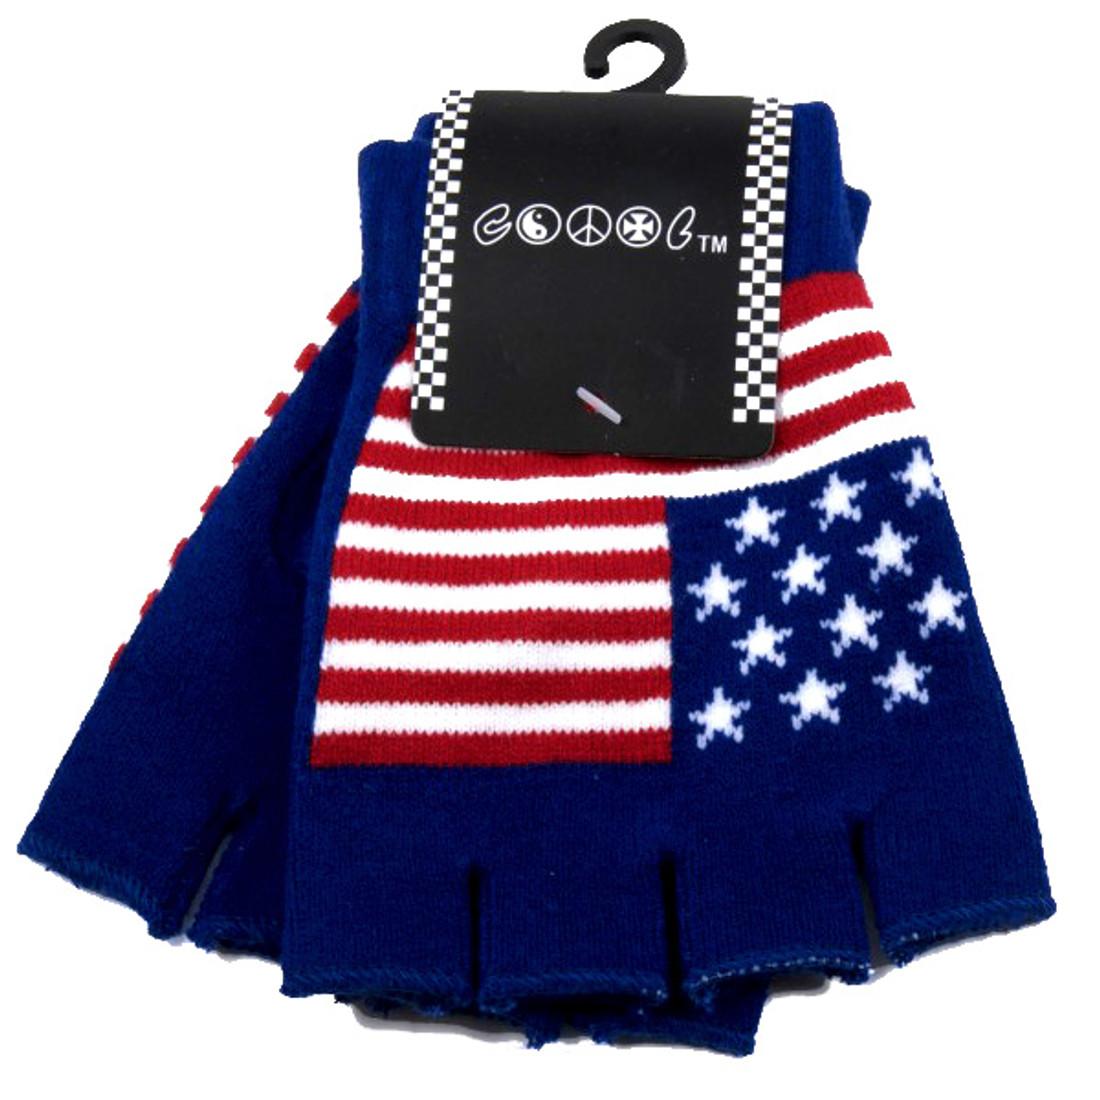 Knitted Red White & Blue American Flag Fingerless Gloves